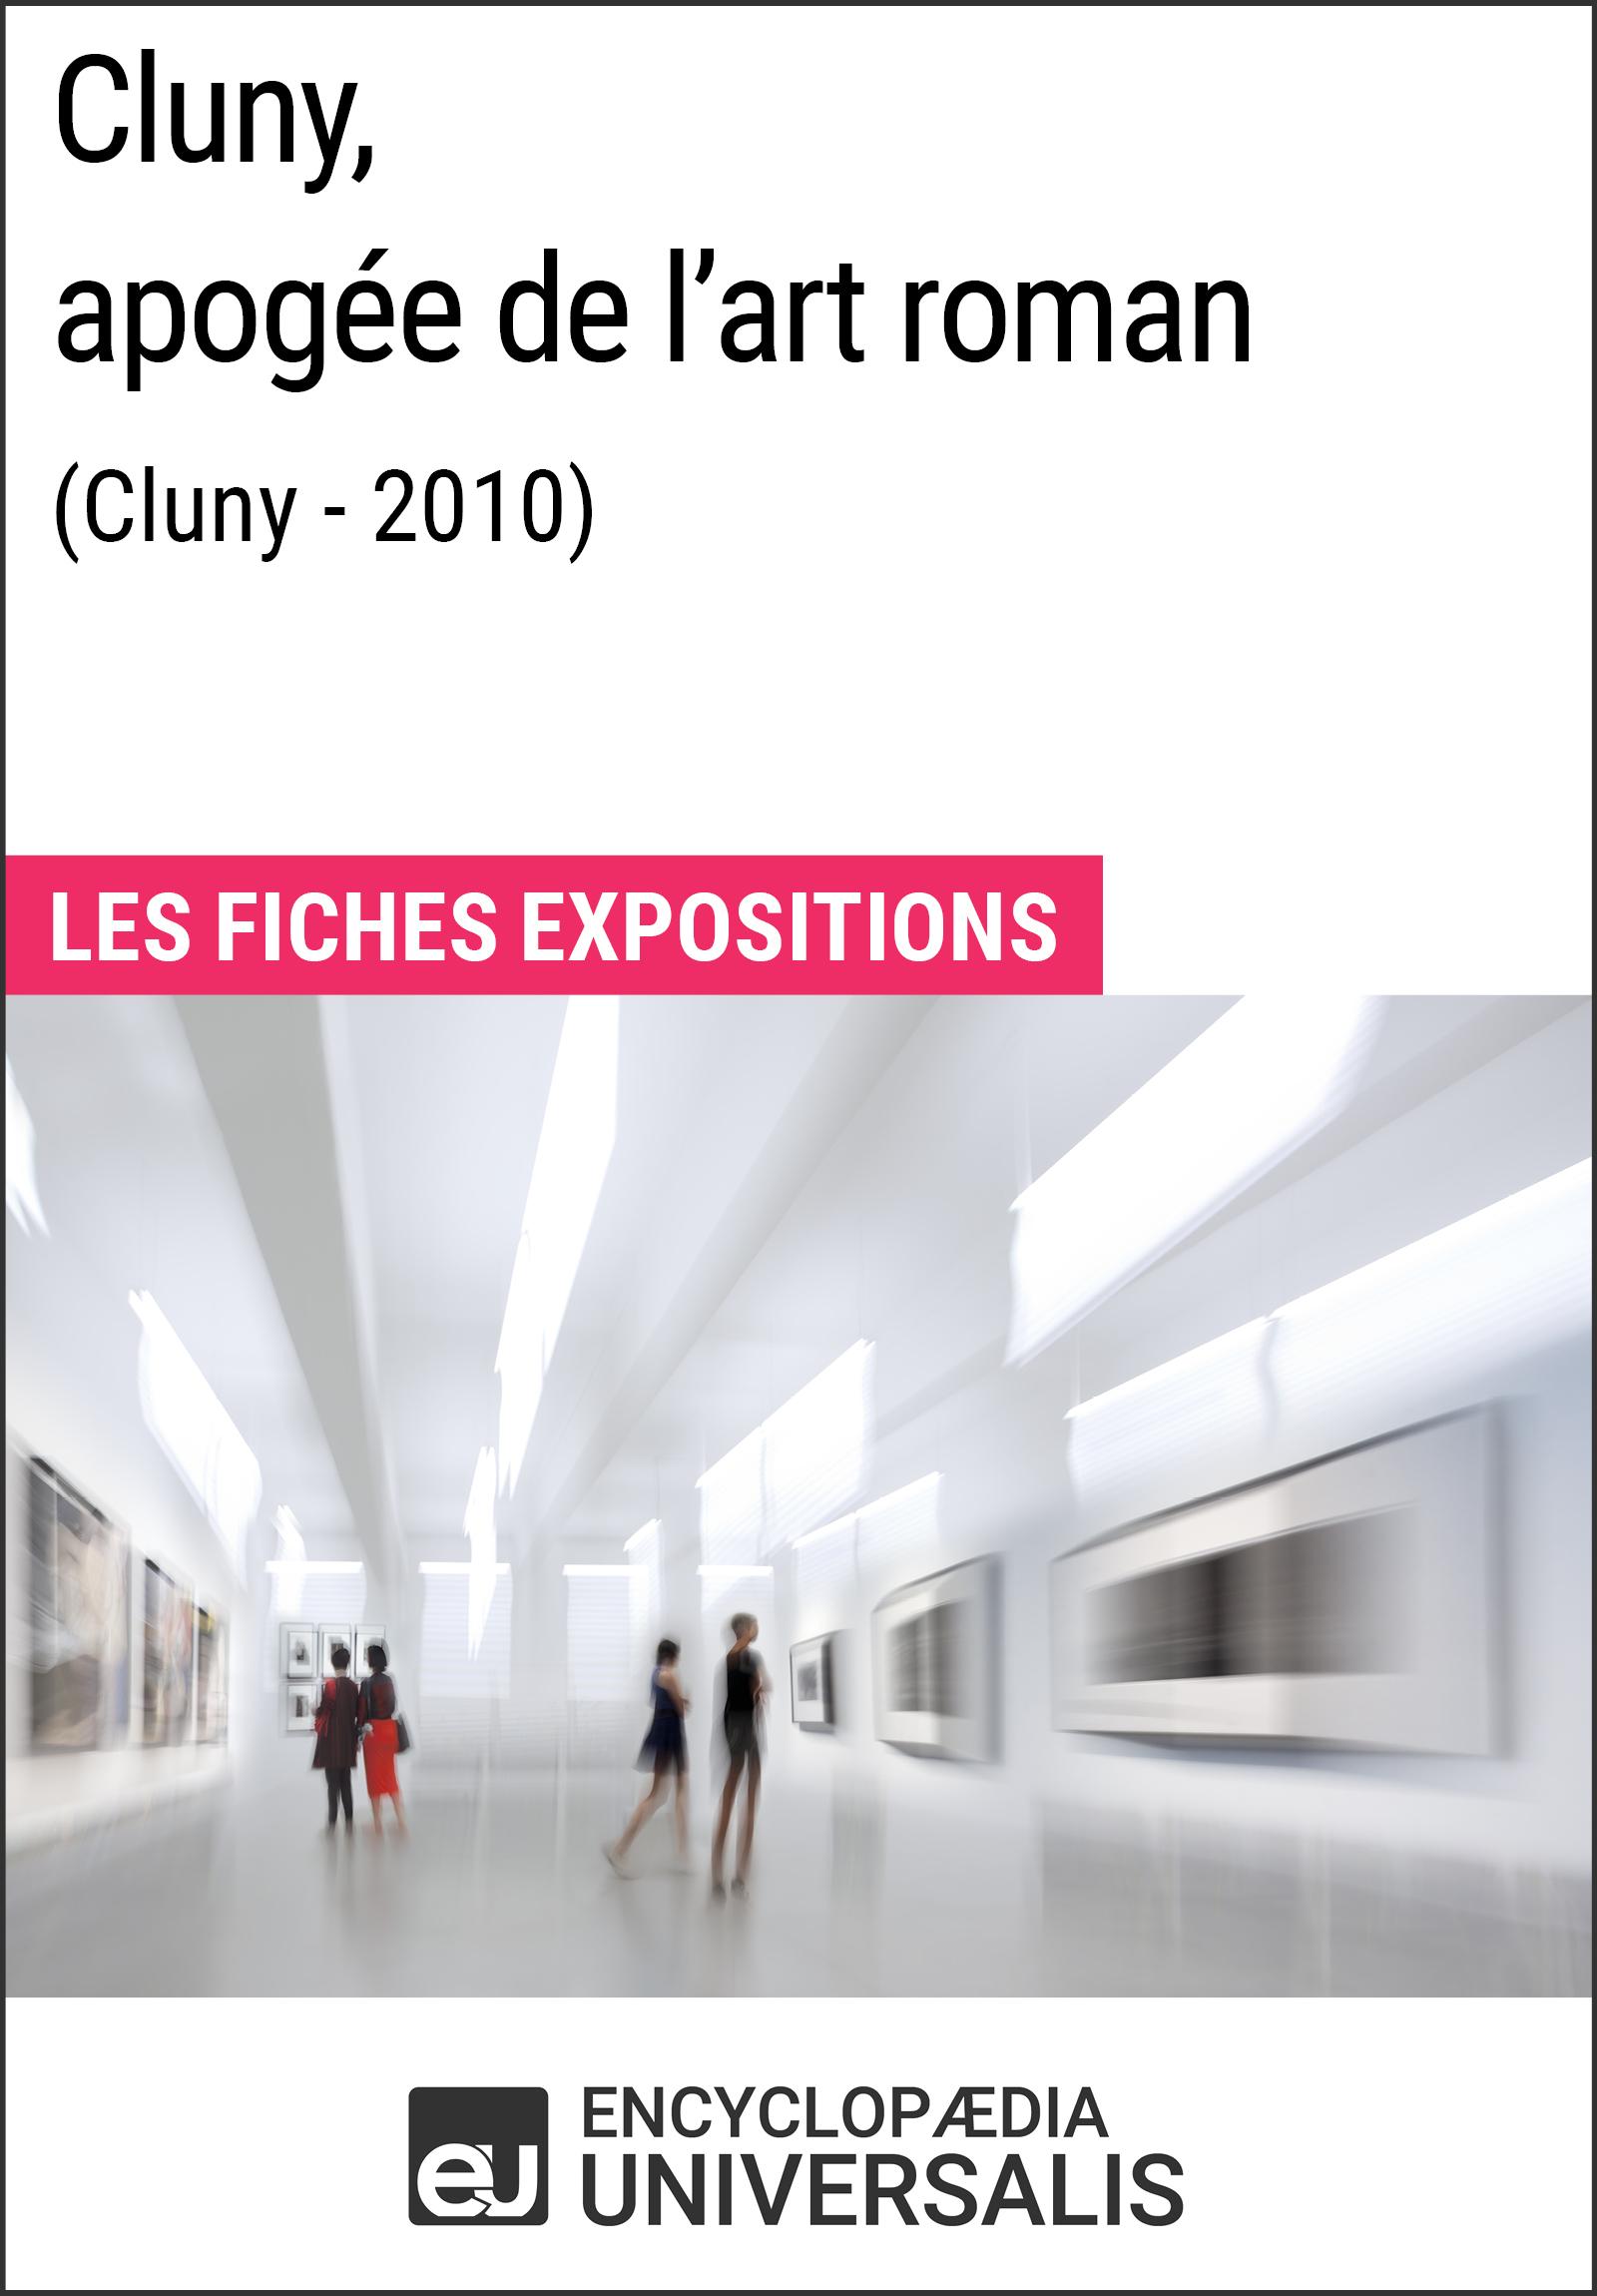 Cluny, apogée de l'art roman (Cluny - 2010)